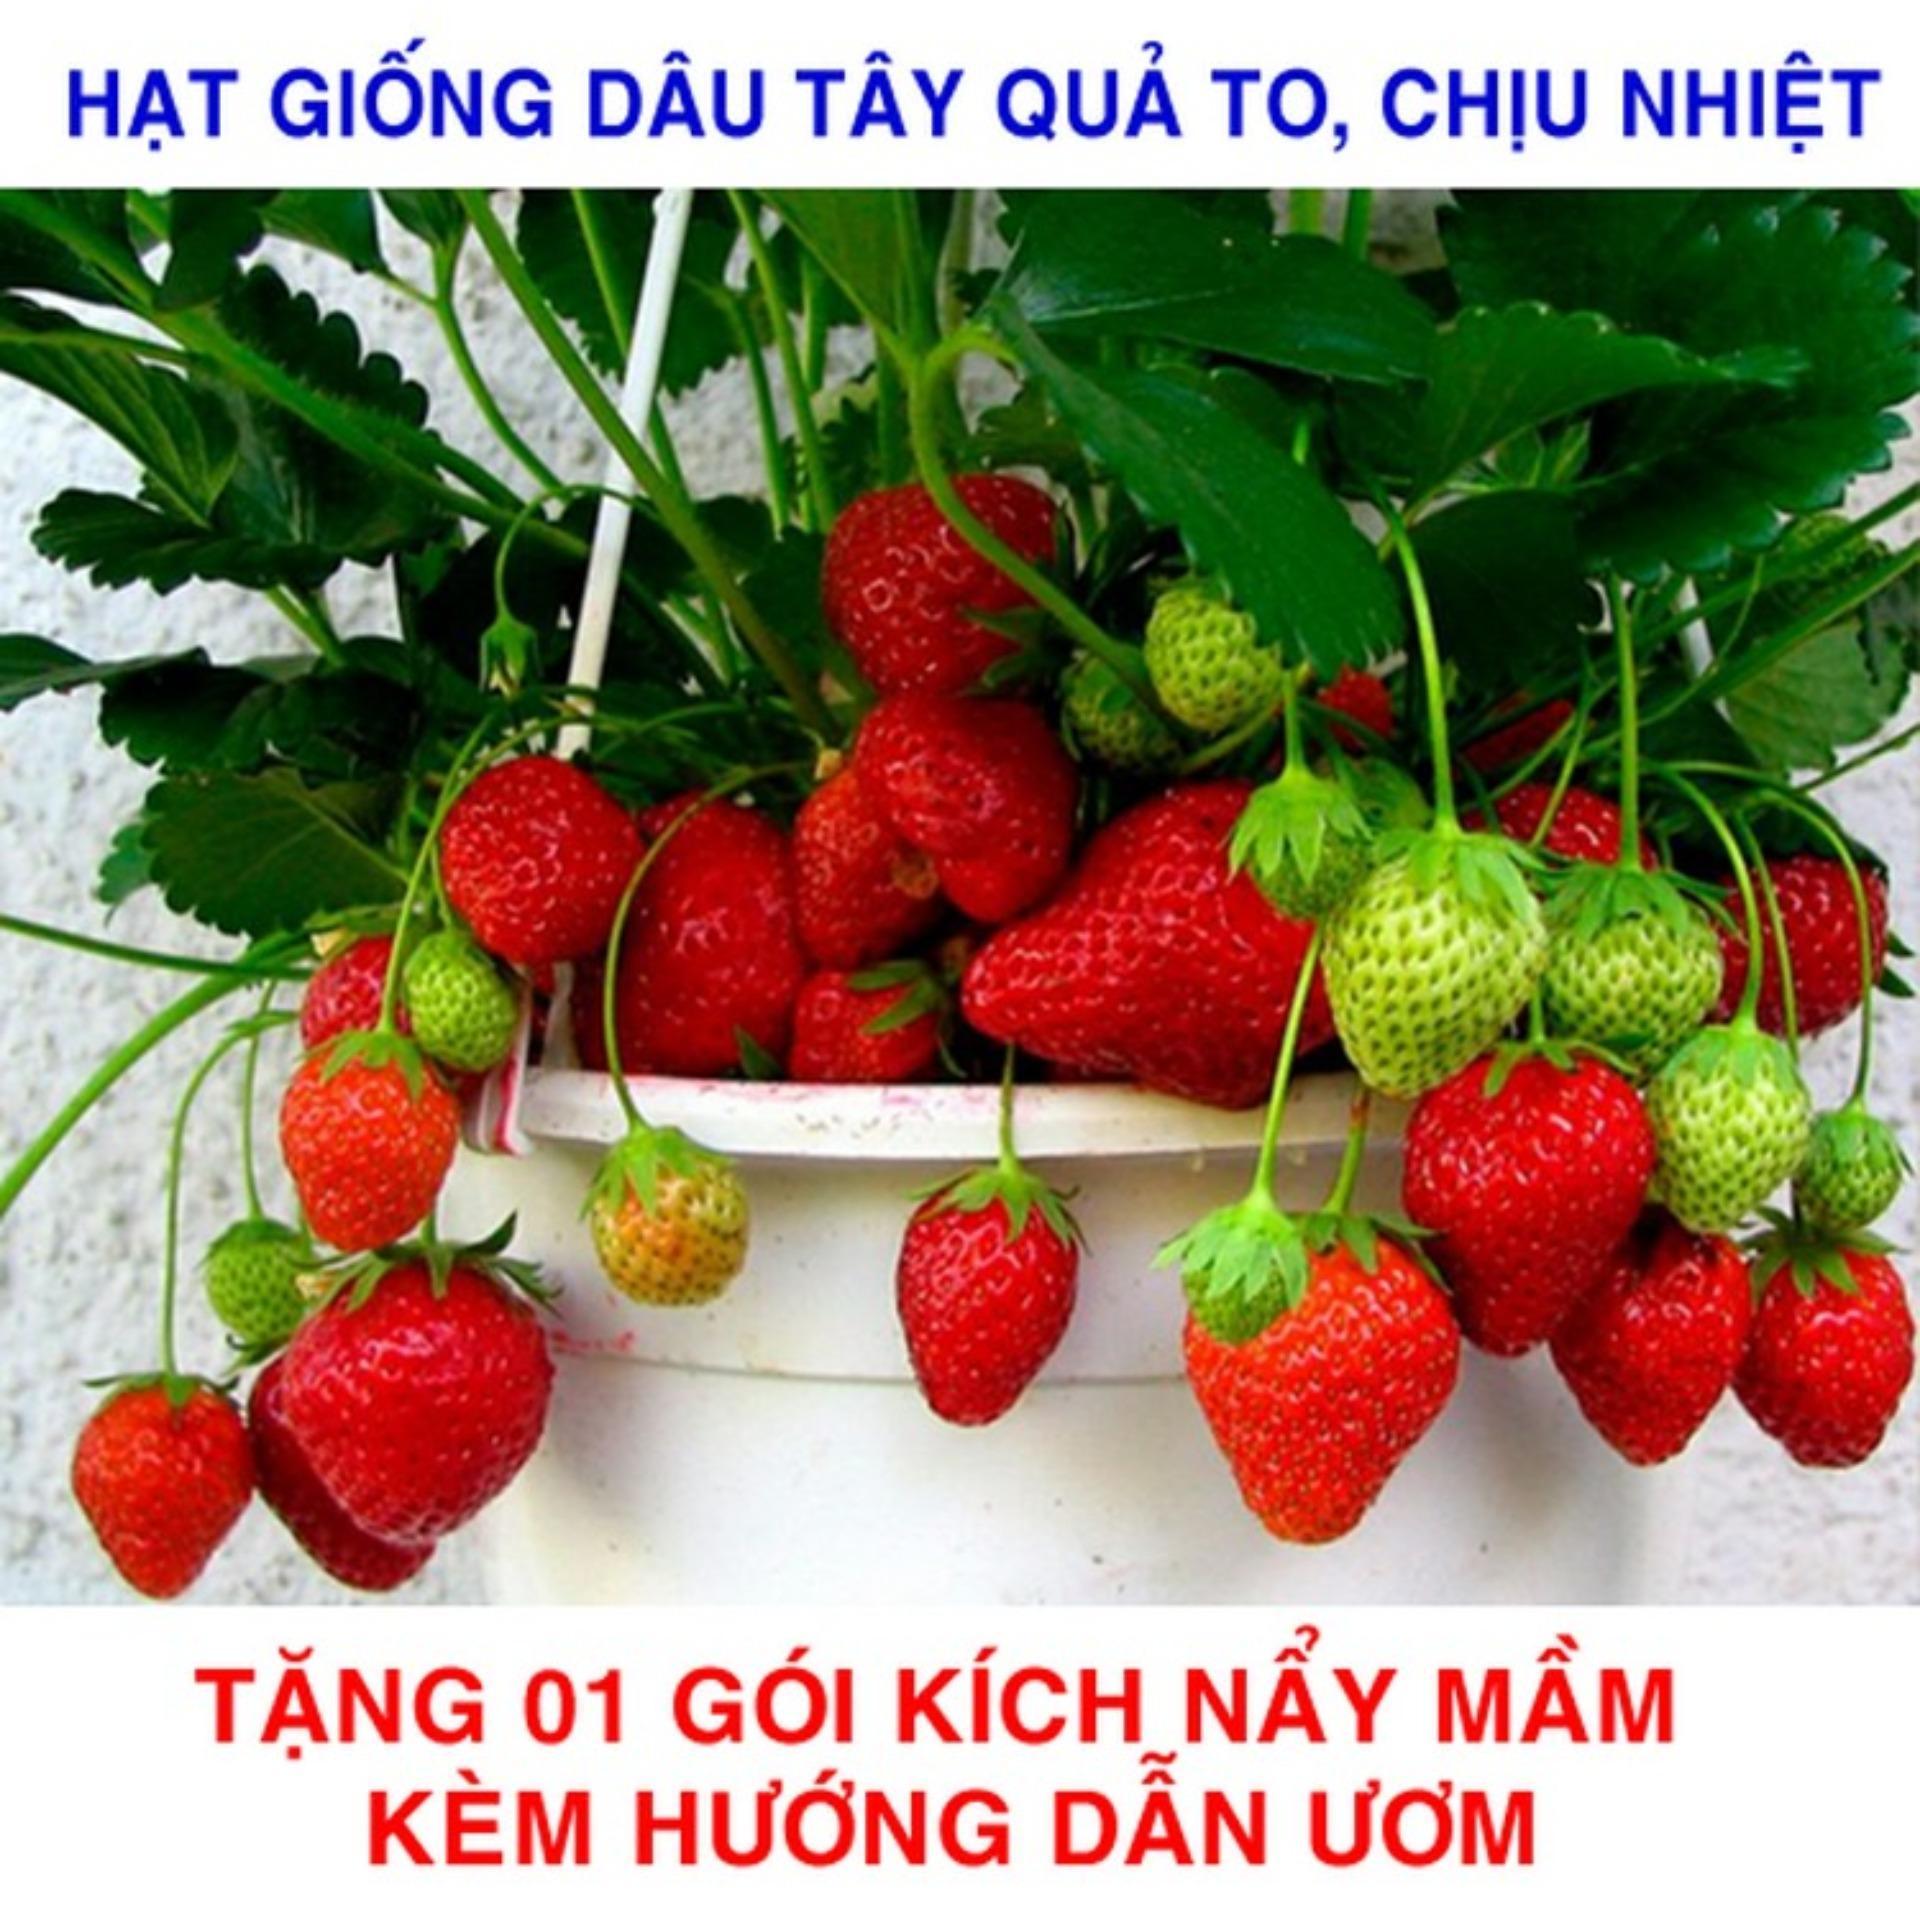 Gói 100 Hạt giống Dâu Tây đỏ Quả To, Chịu Nhiệt (tặng gói kích nẩy mầm và hướng dẫn)